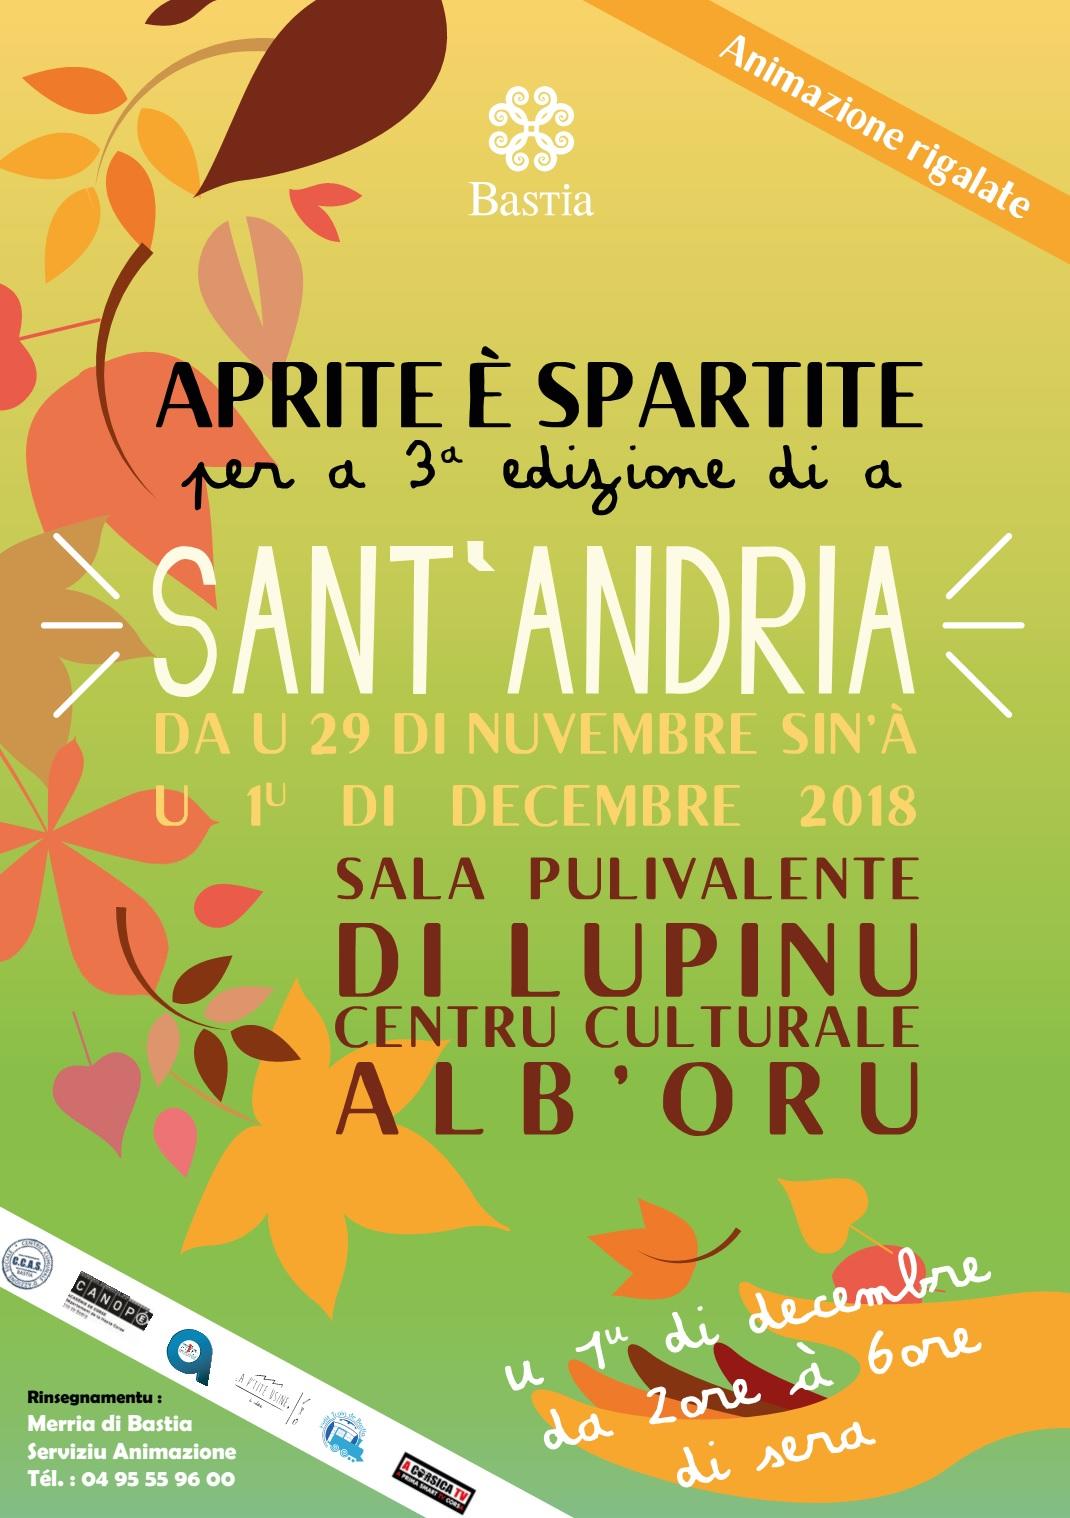 Bastia : C'est parti pour les festivités de la Sant'Andria !